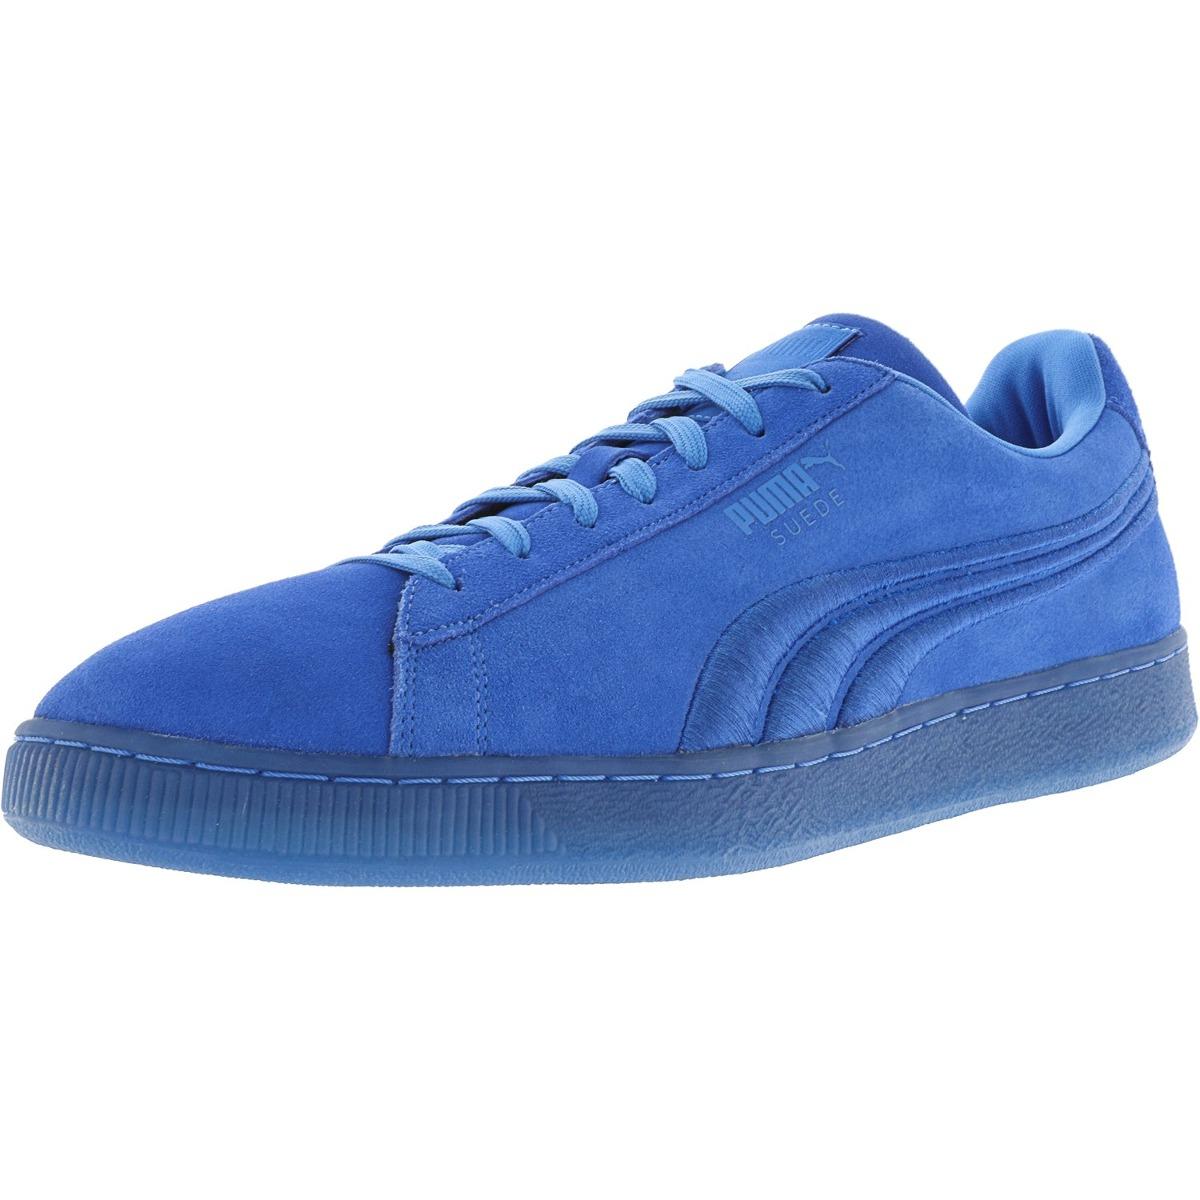 Hombre Insignia Cl¿sico Zapatos Hela Tenis Zaptillas Puma EH2WD9I